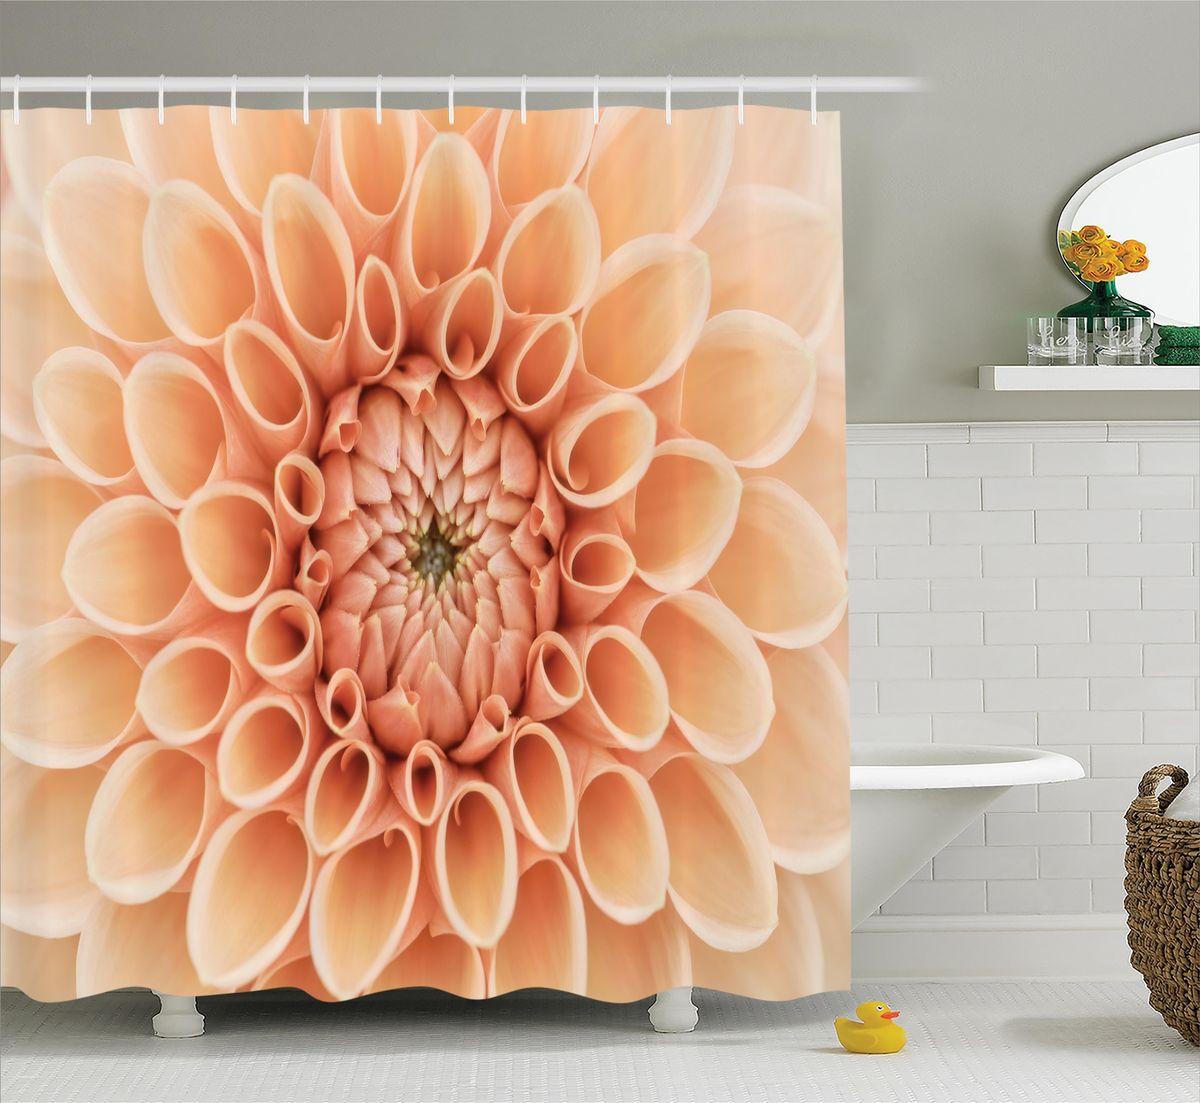 Штора для ванной комнаты Magic Lady Оранжевая хризантема, 180 х 200 см391602Штора Magic Lady Оранжевая хризантема, изготовленная из высококачественного сатена (полиэстер 100%), отлично дополнит любой интерьер ванной комнаты. При изготовлении используются специальные гипоаллергенные чернила для прямой печати по ткани, безопасные для человека.В комплекте: 1 штора, 12 крючков. Обращаем ваше внимание, фактический цвет изделия может незначительно отличаться от представленного на фото.